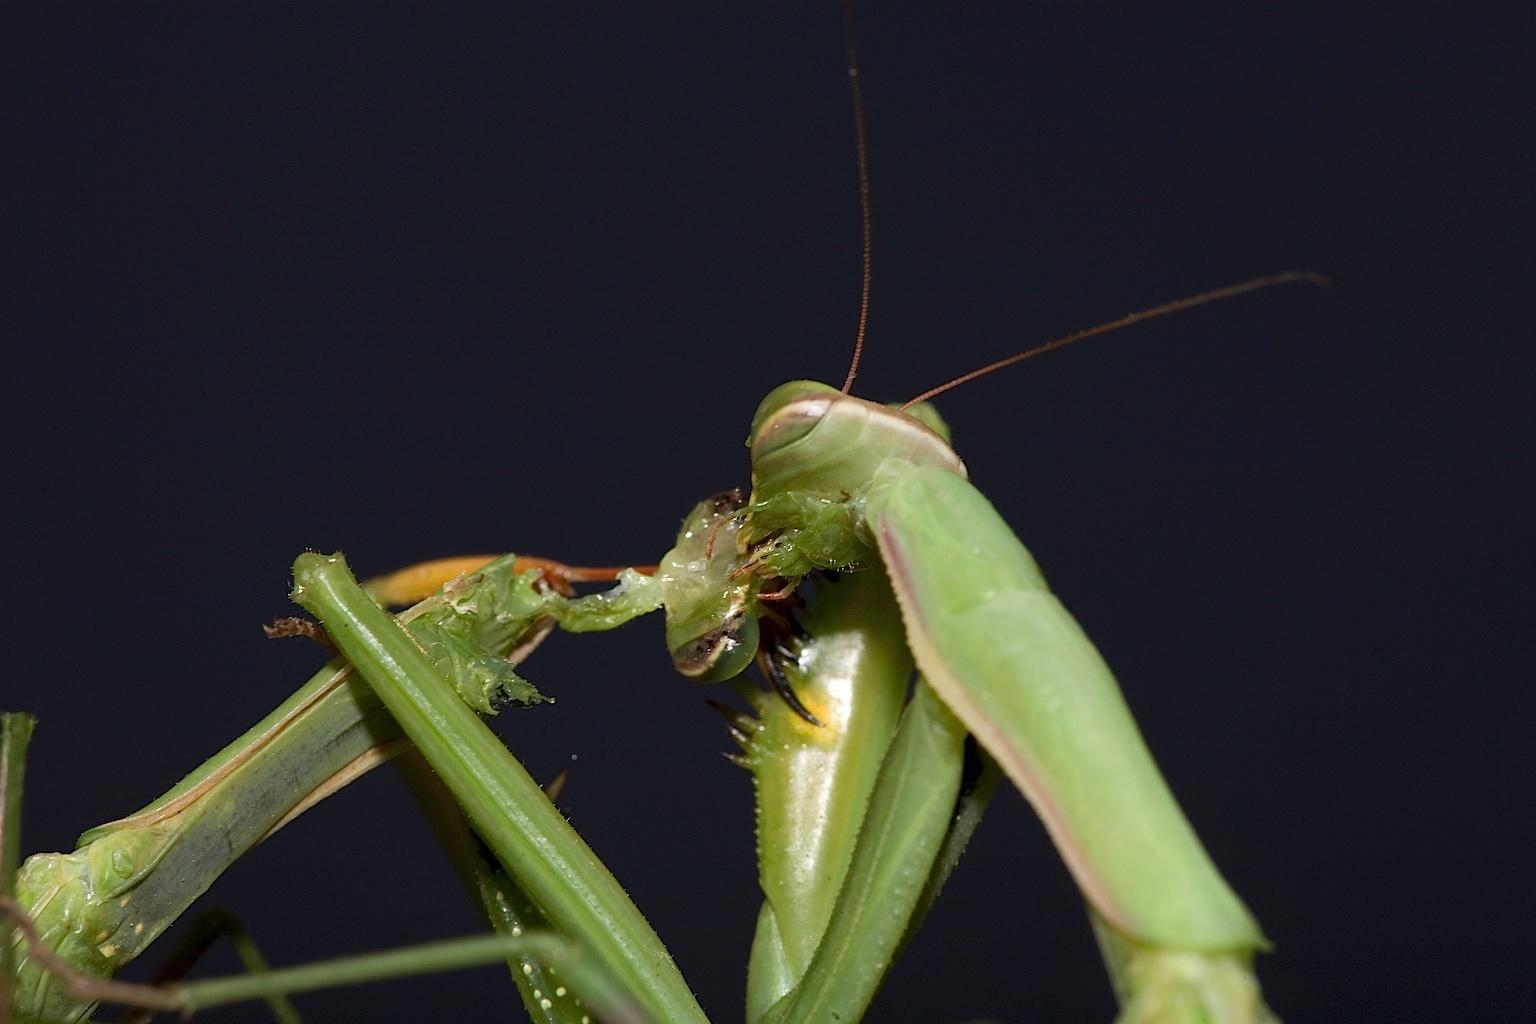 praying mantis video fetish under control